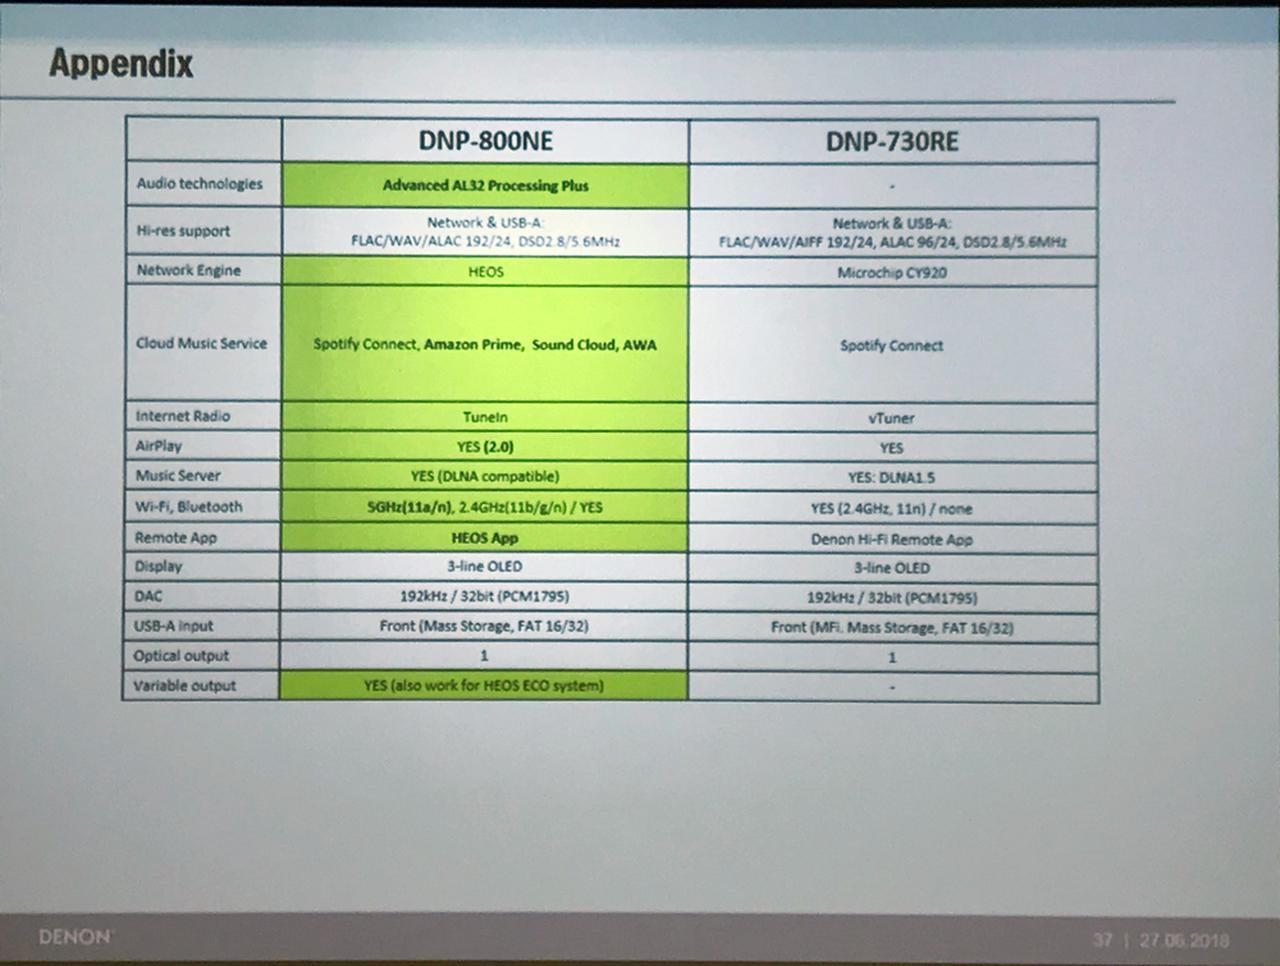 画像: ネットワークオーディオプレーヤー「DNP-800NE」と「DNP-730RE」の比較表。独自のネットワークモジュールHEOS(ヒオス)を搭載したことで、Spotifyなど各種オーディオストリーミングサービスに対応している